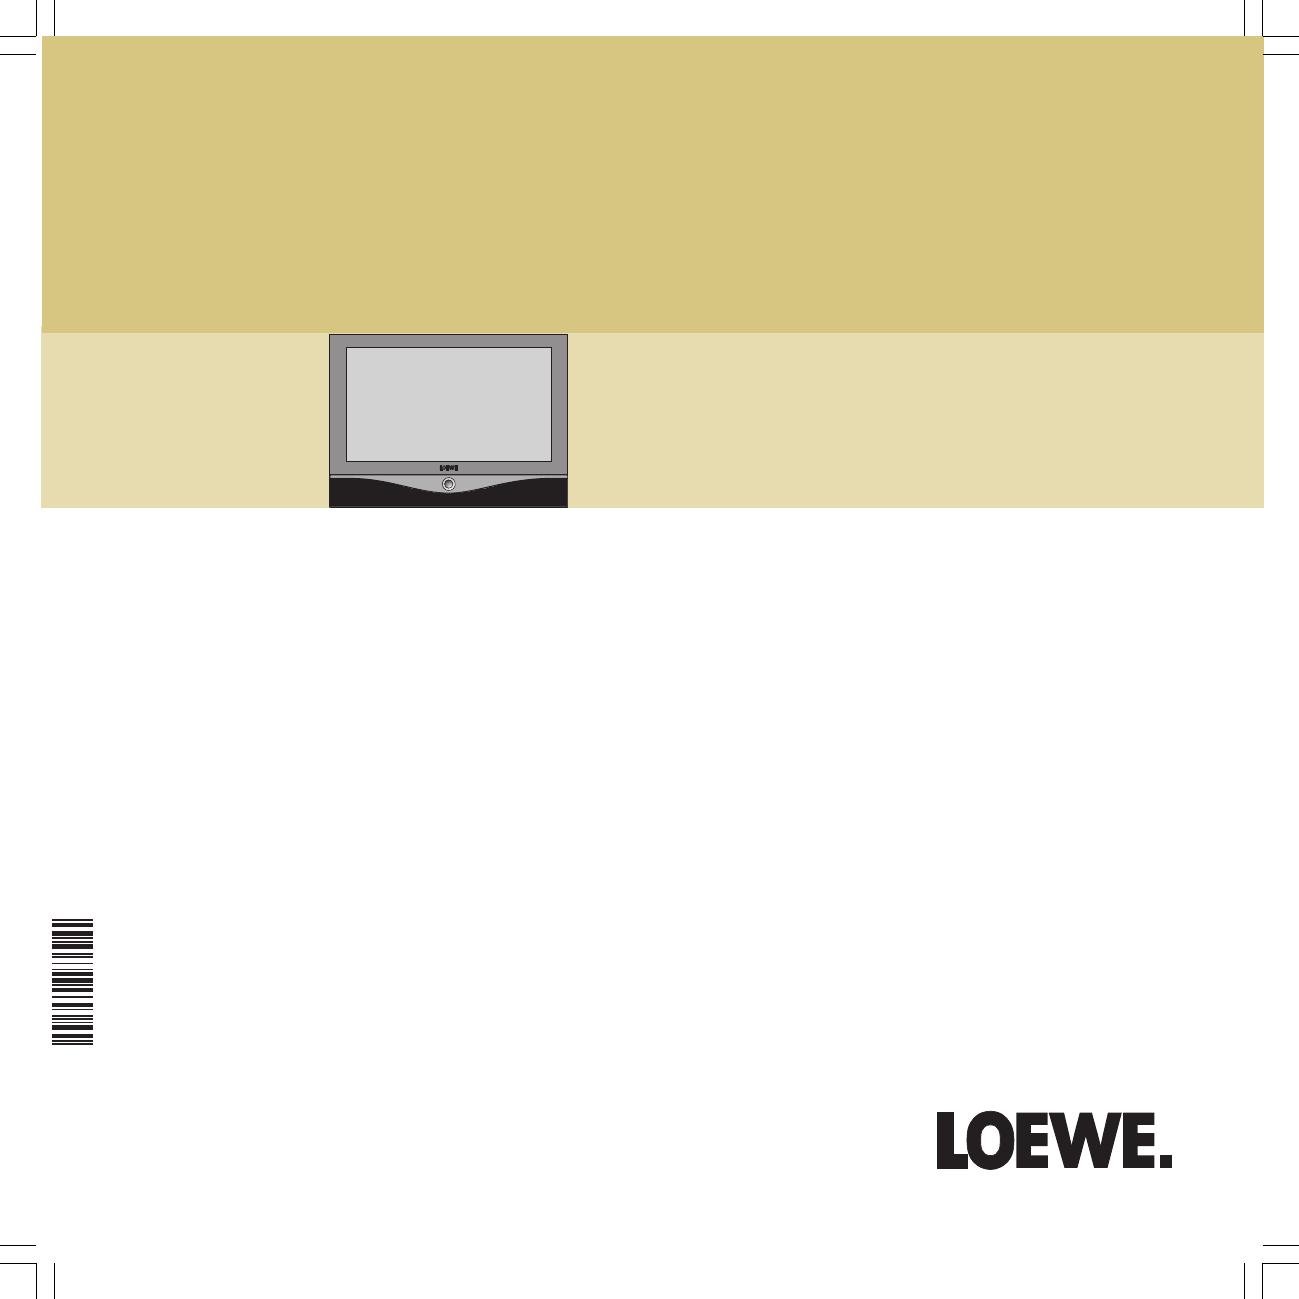 loewe flat panel television sl 32 hd user guide manualsonline com rh tv manualsonline com Loewe TV US Loewe TV US